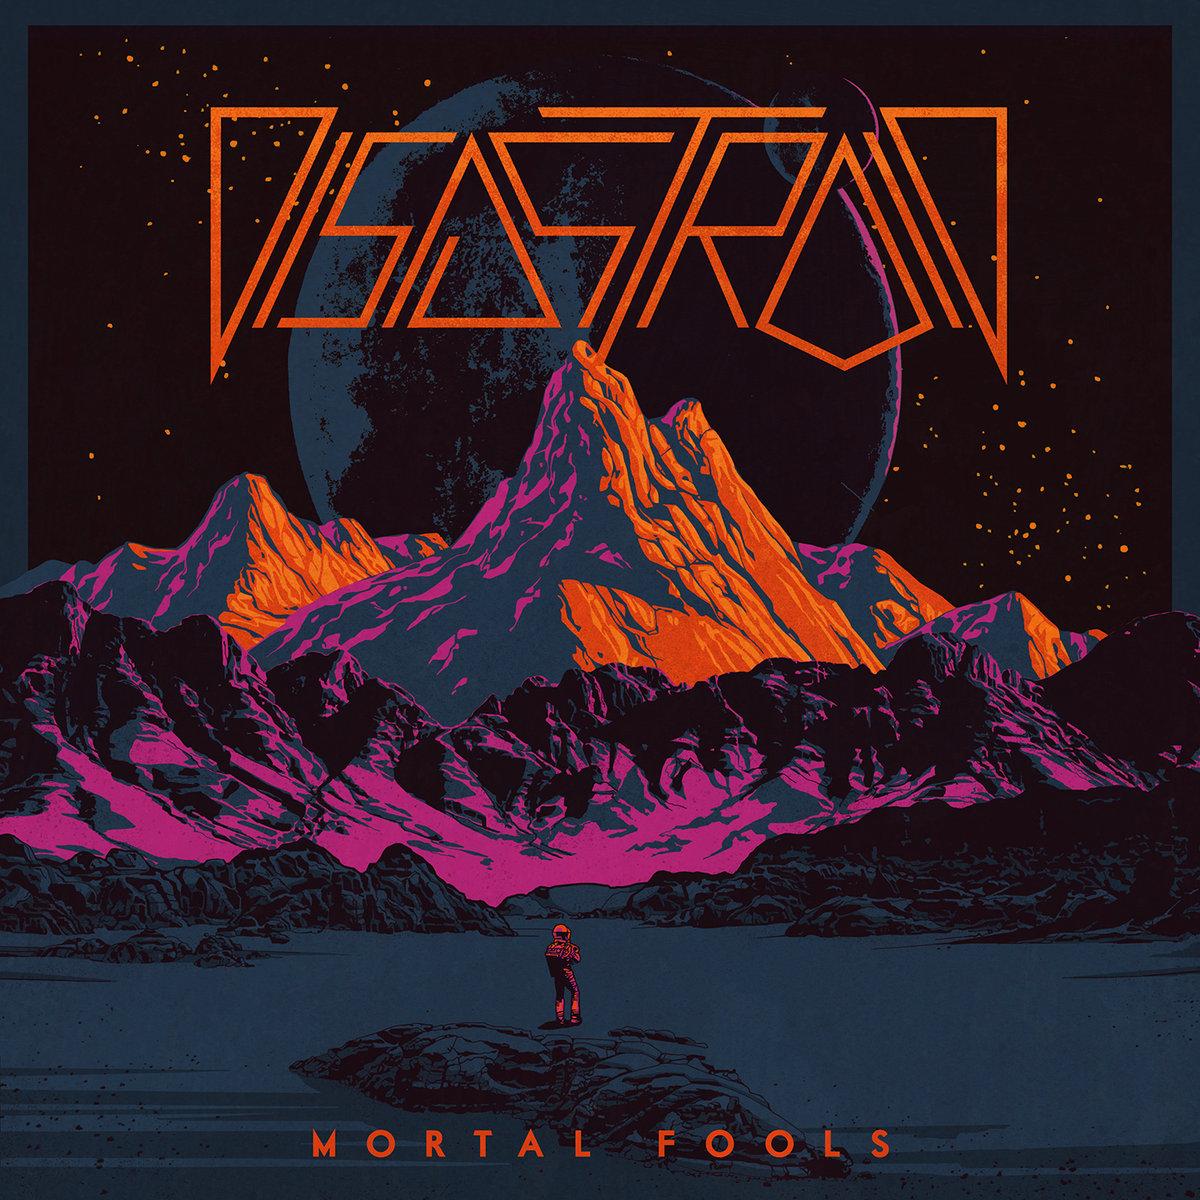 disastroid mortal fools